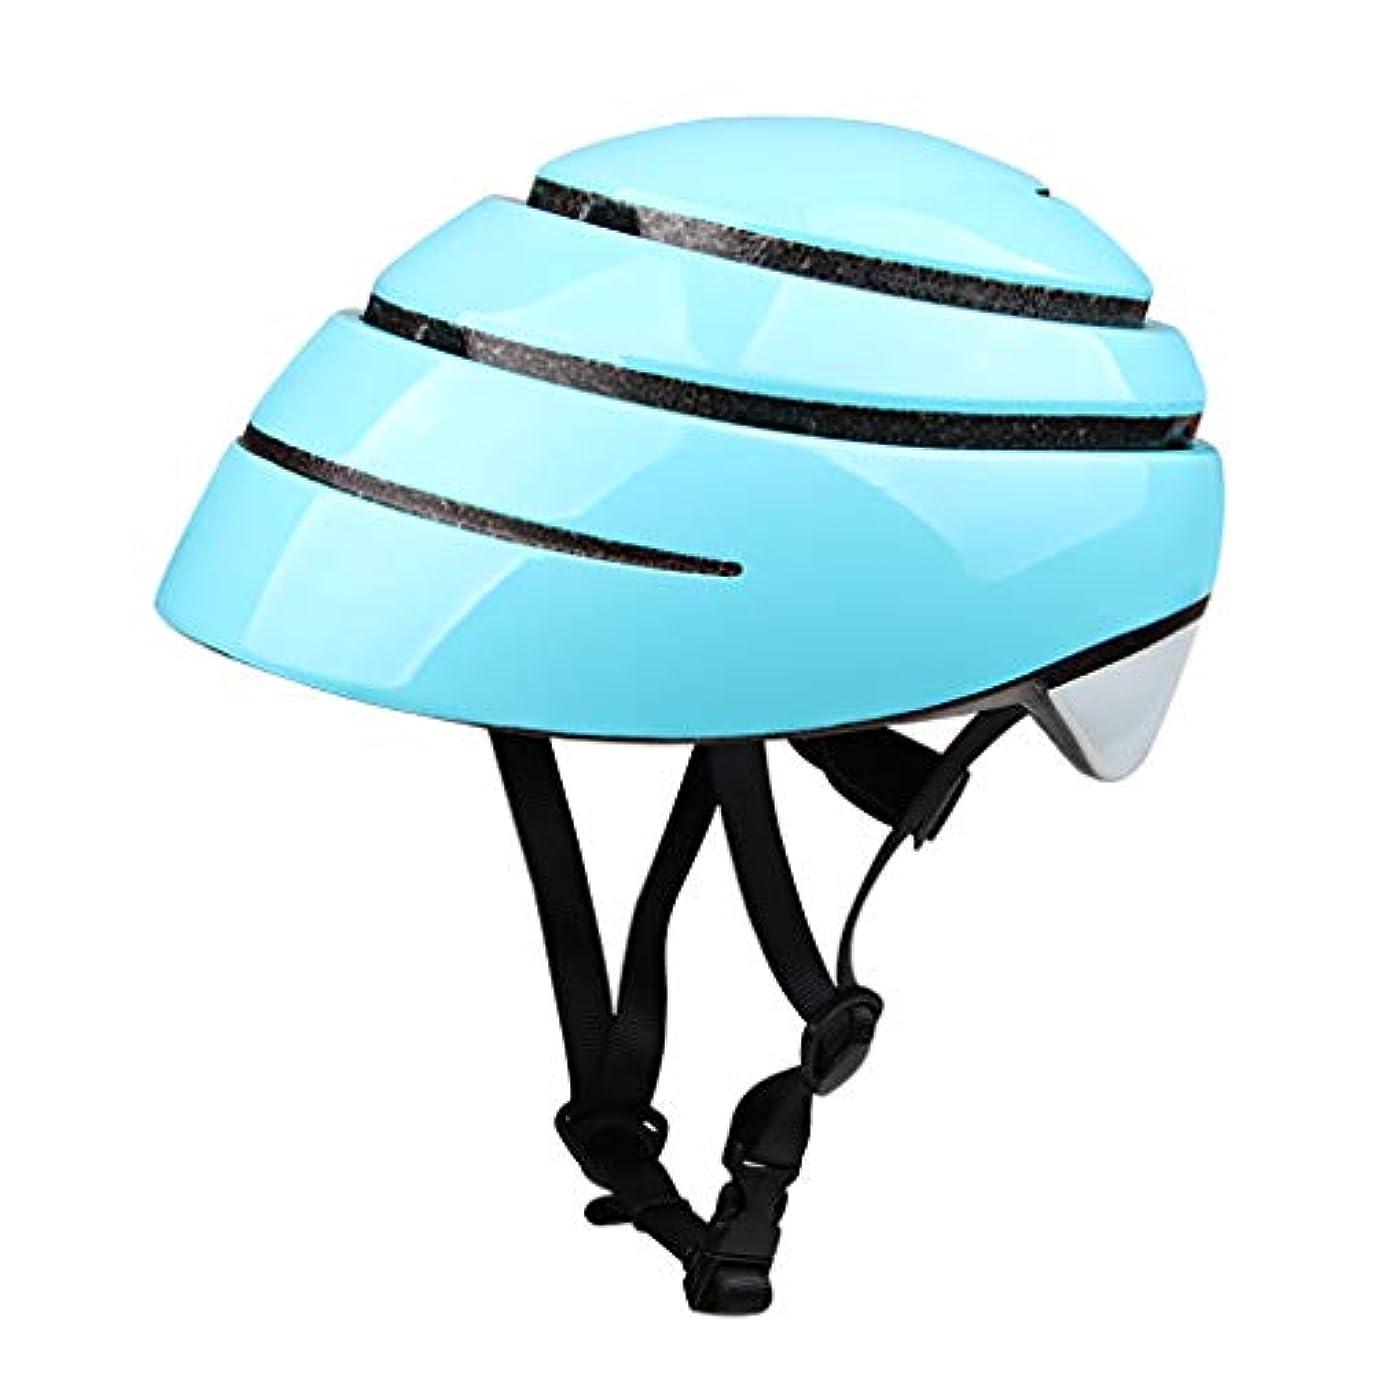 レンディション薄暗い物理的なマウンテンバイクヘルメット、サイクルヘルメット、スポーツ安全ヘルメット、折り畳み式 (色 : 青, サイズ さいず : M)